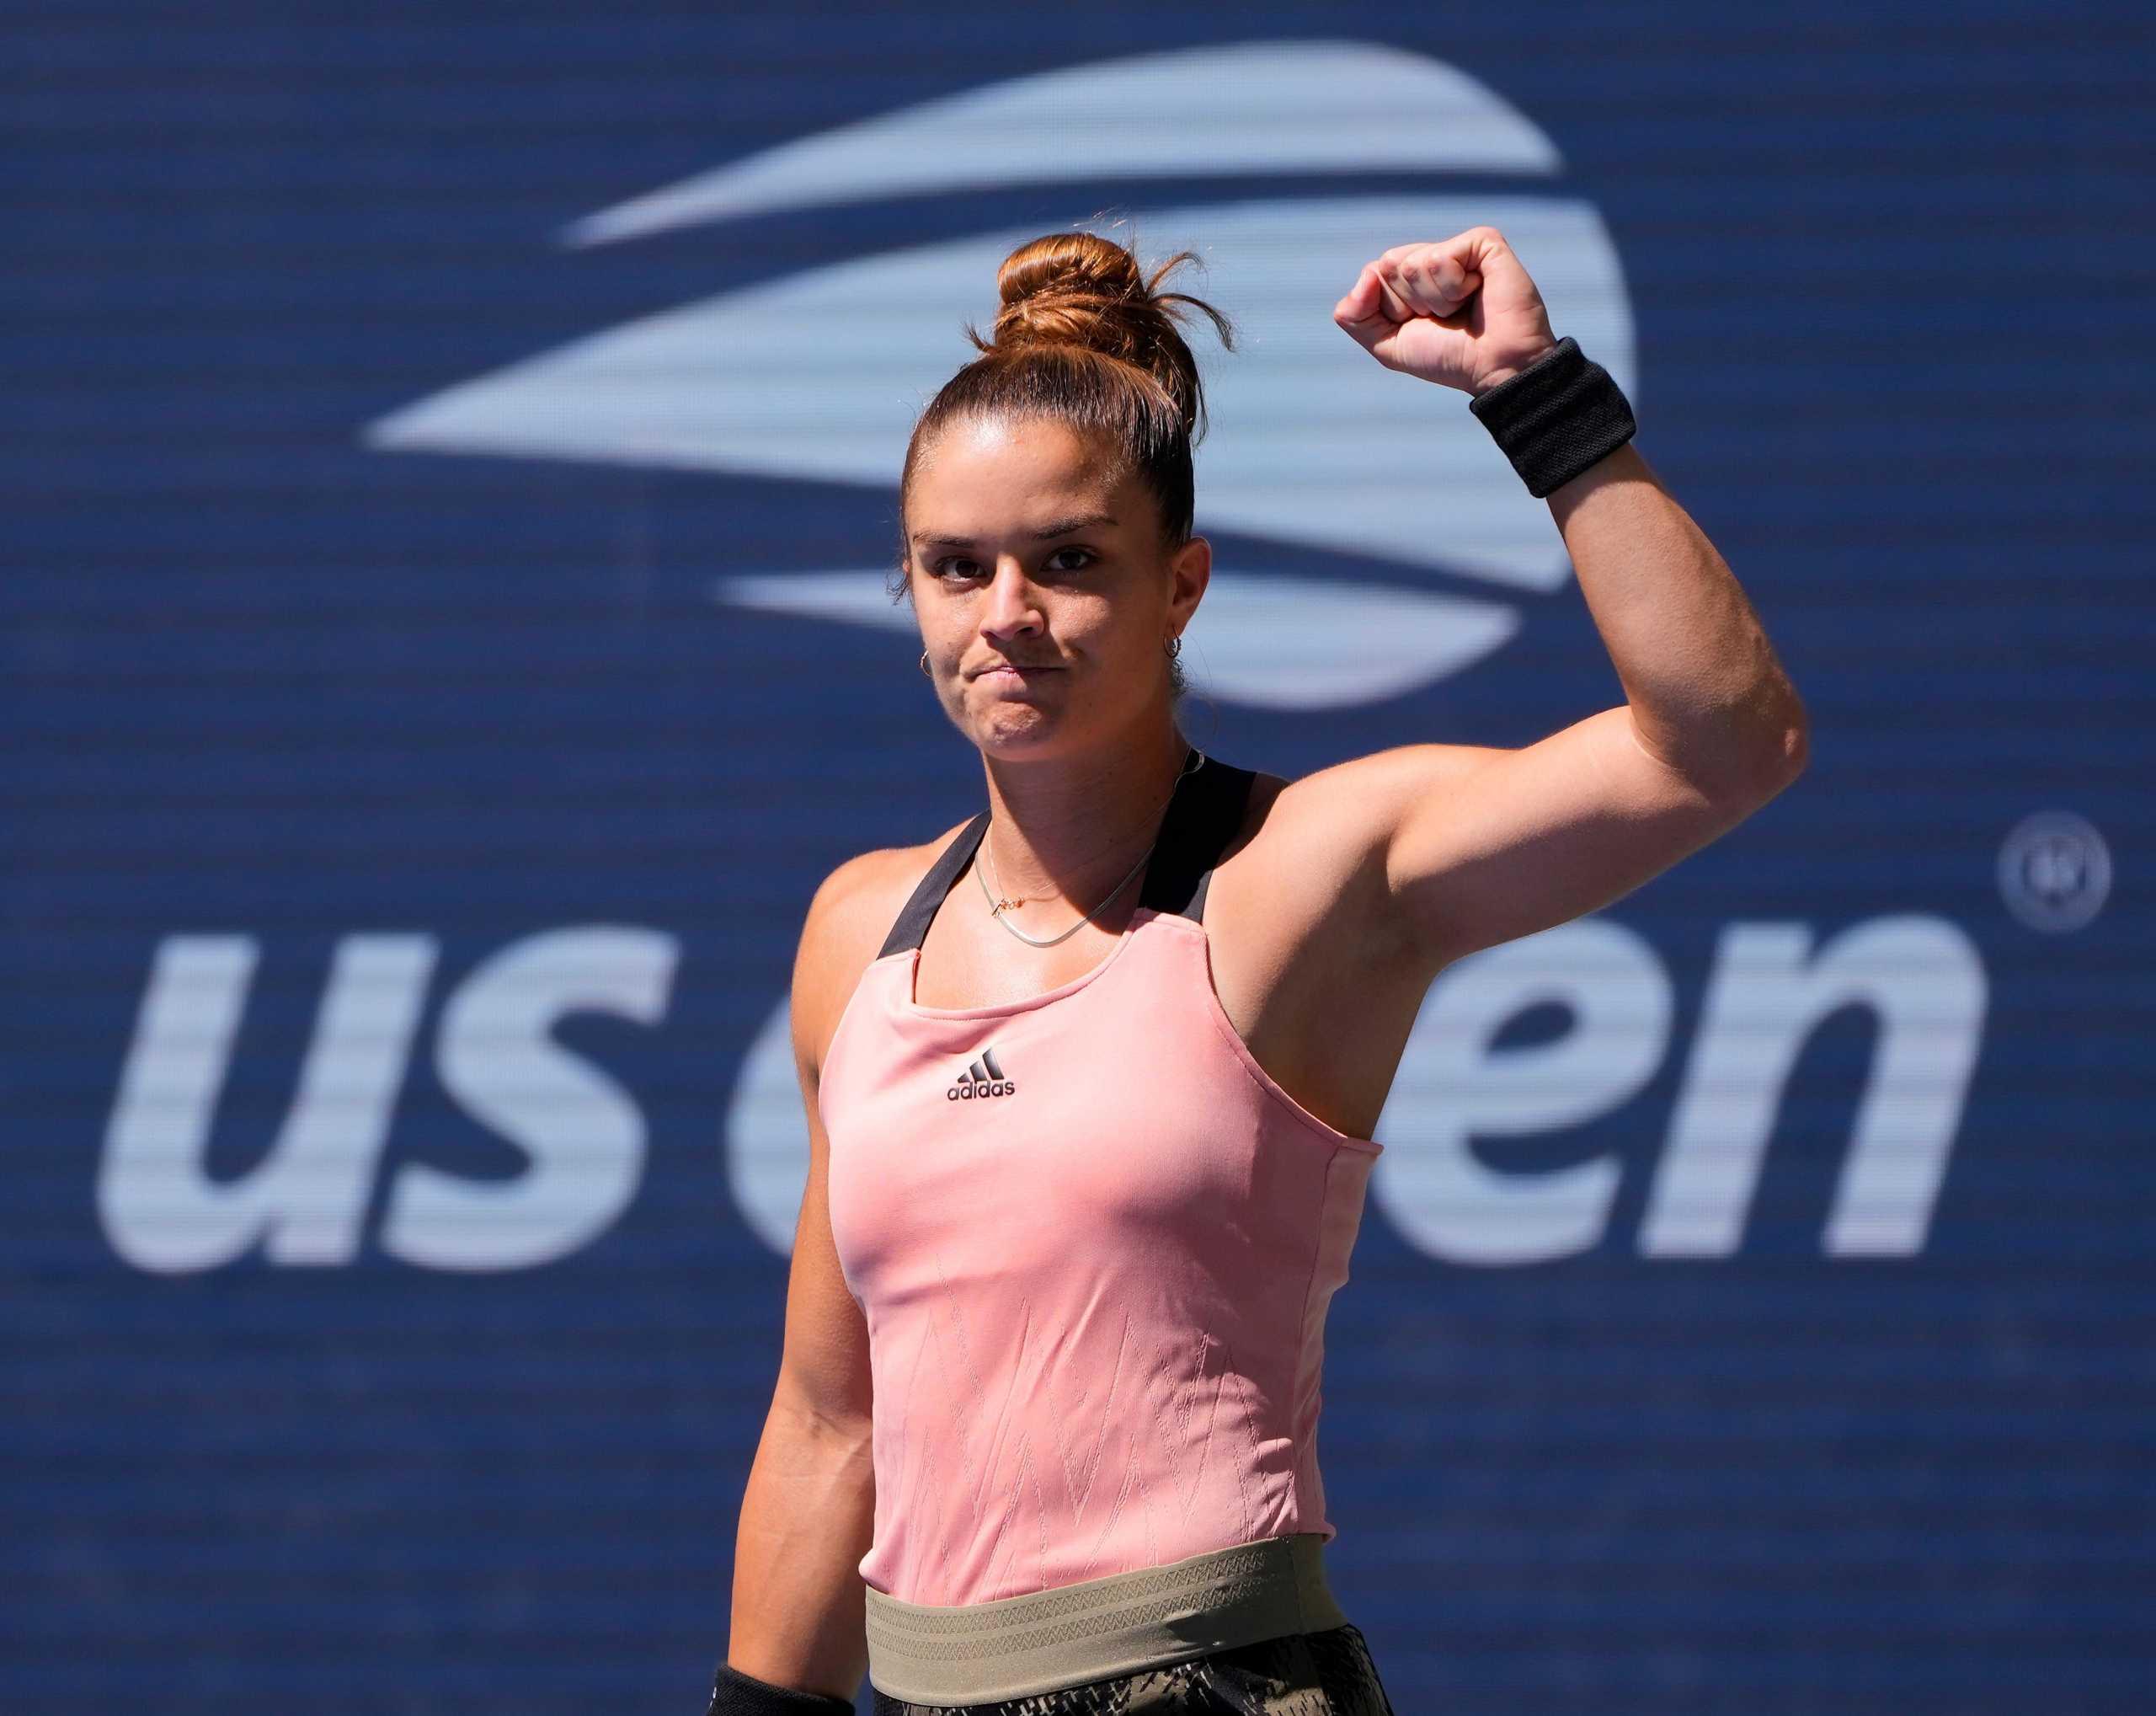 Μαρία Σάκκαρη: «Έχω αποδείξει ότι μπορώ να φτάσω μακριά σε ένα Grand Slam»